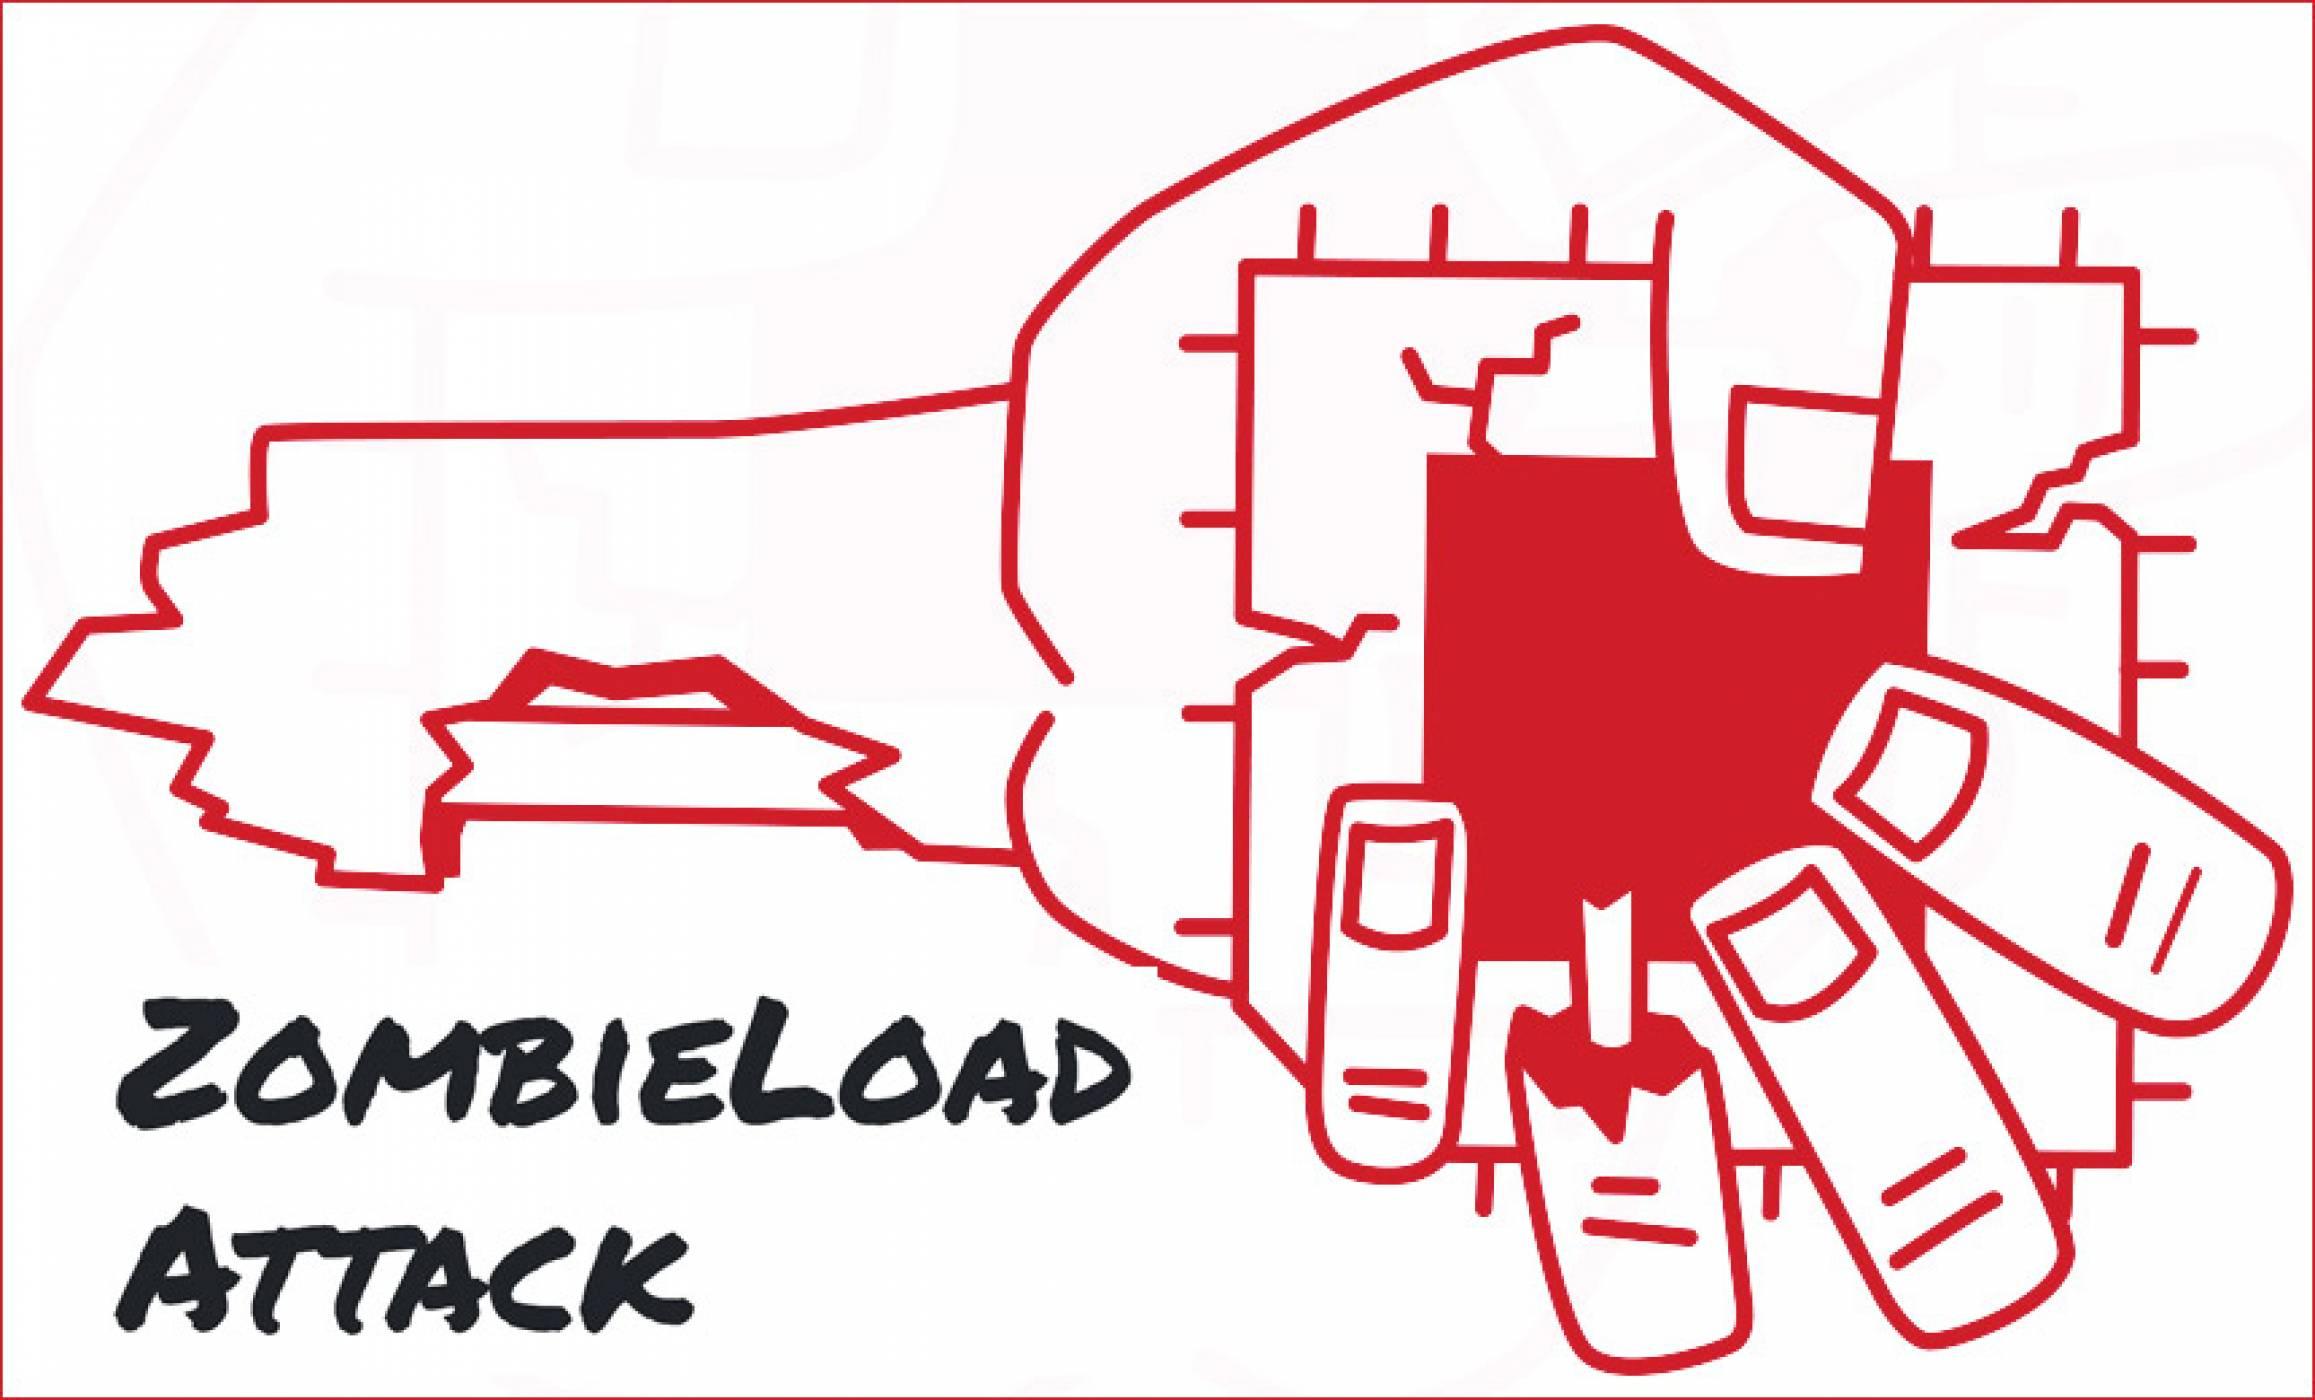 ZombieLoad атаката срещу Intel -  проблемът се оказва доста по-сериозен